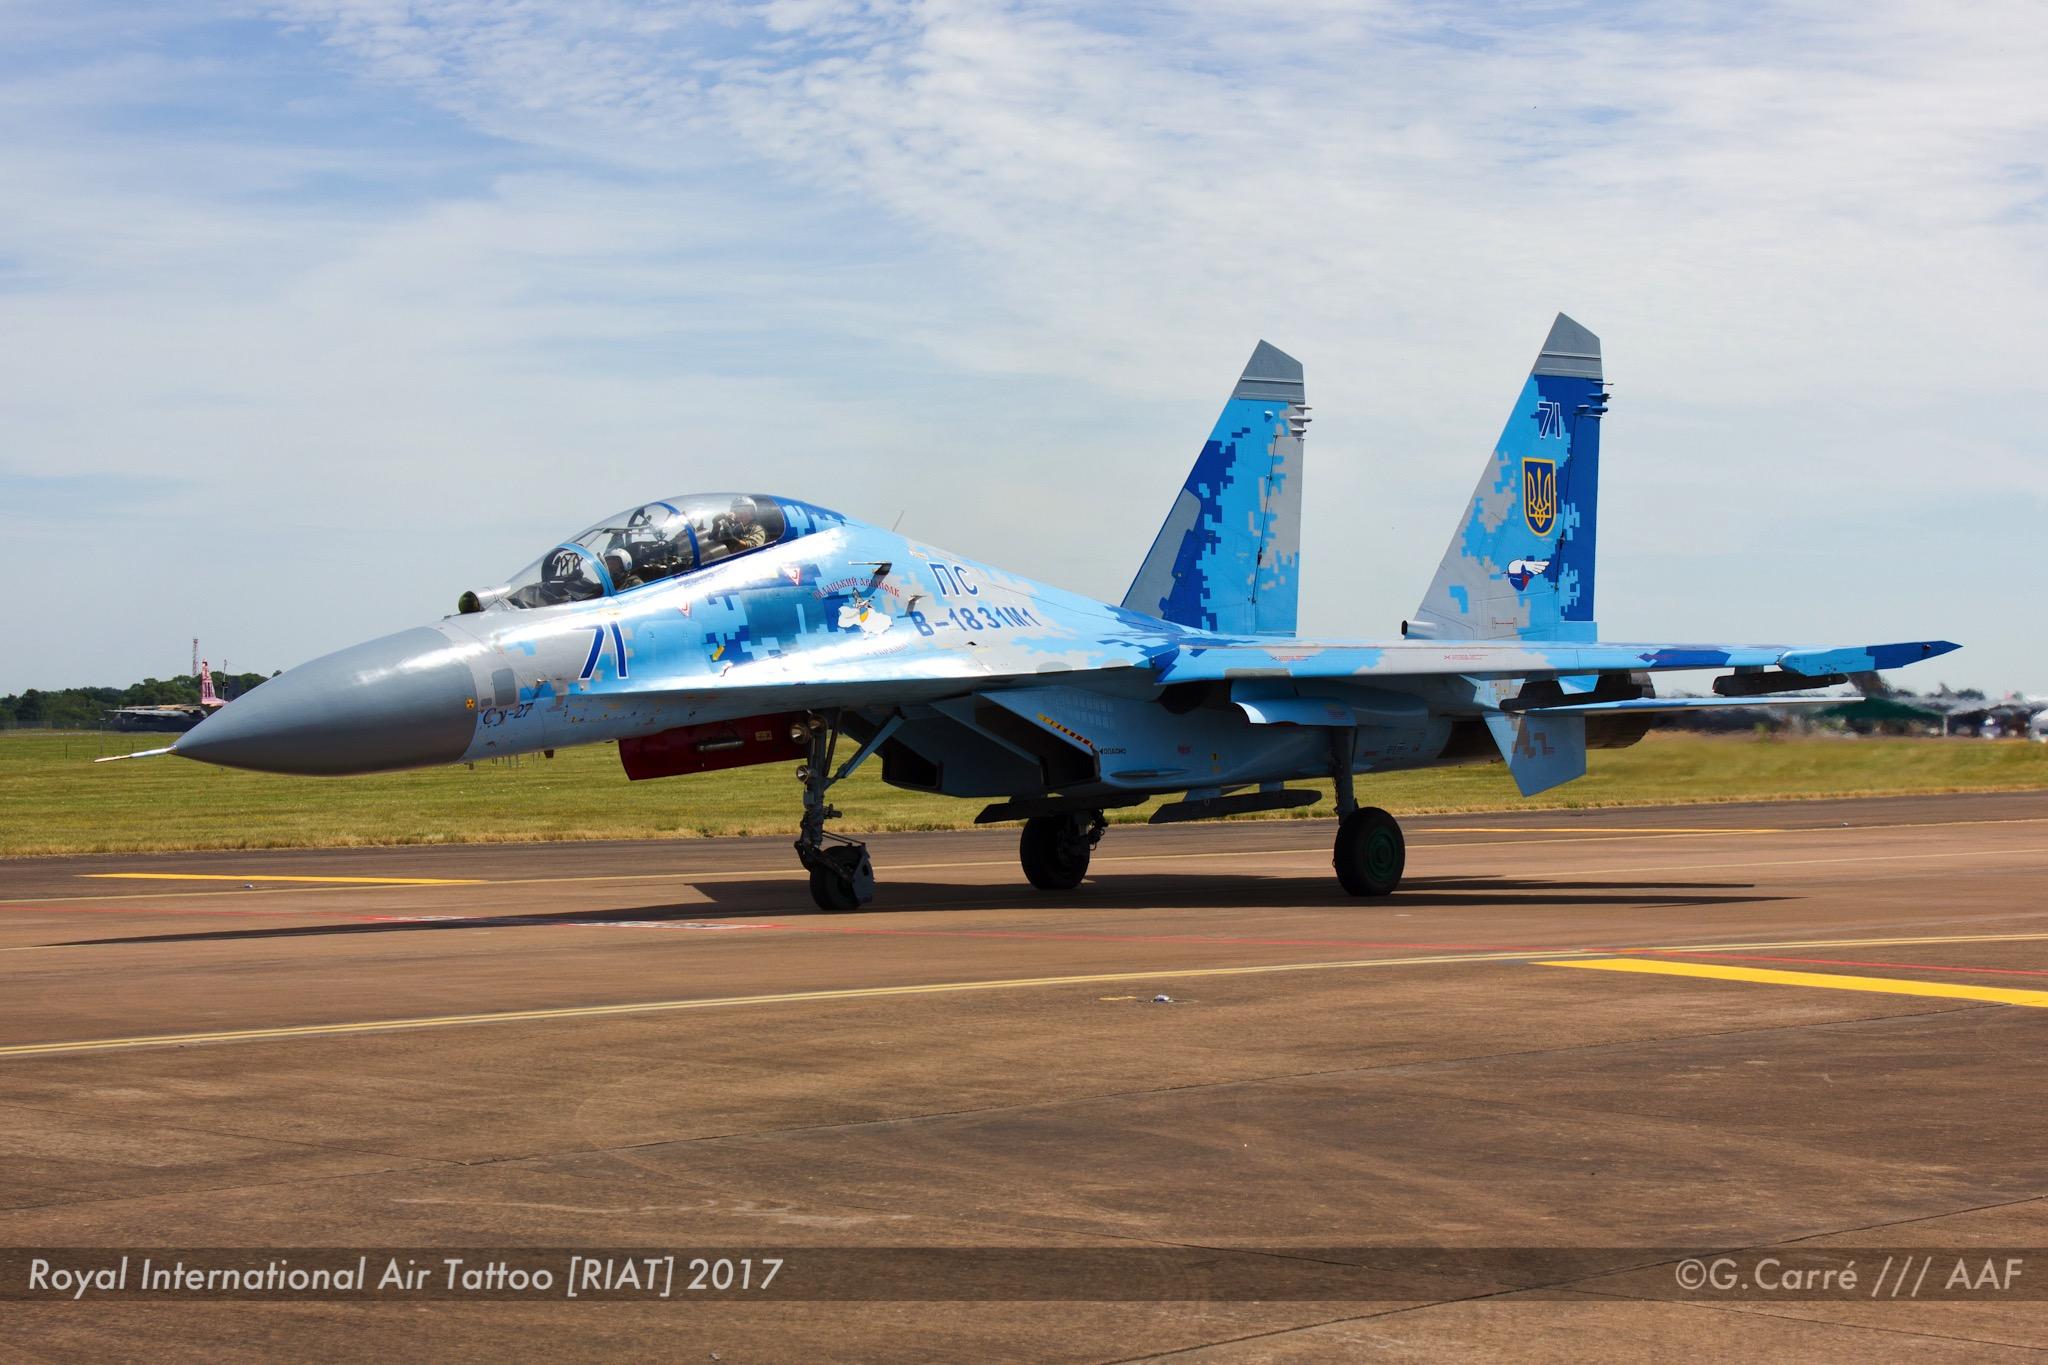 SU-27 - Ukraine